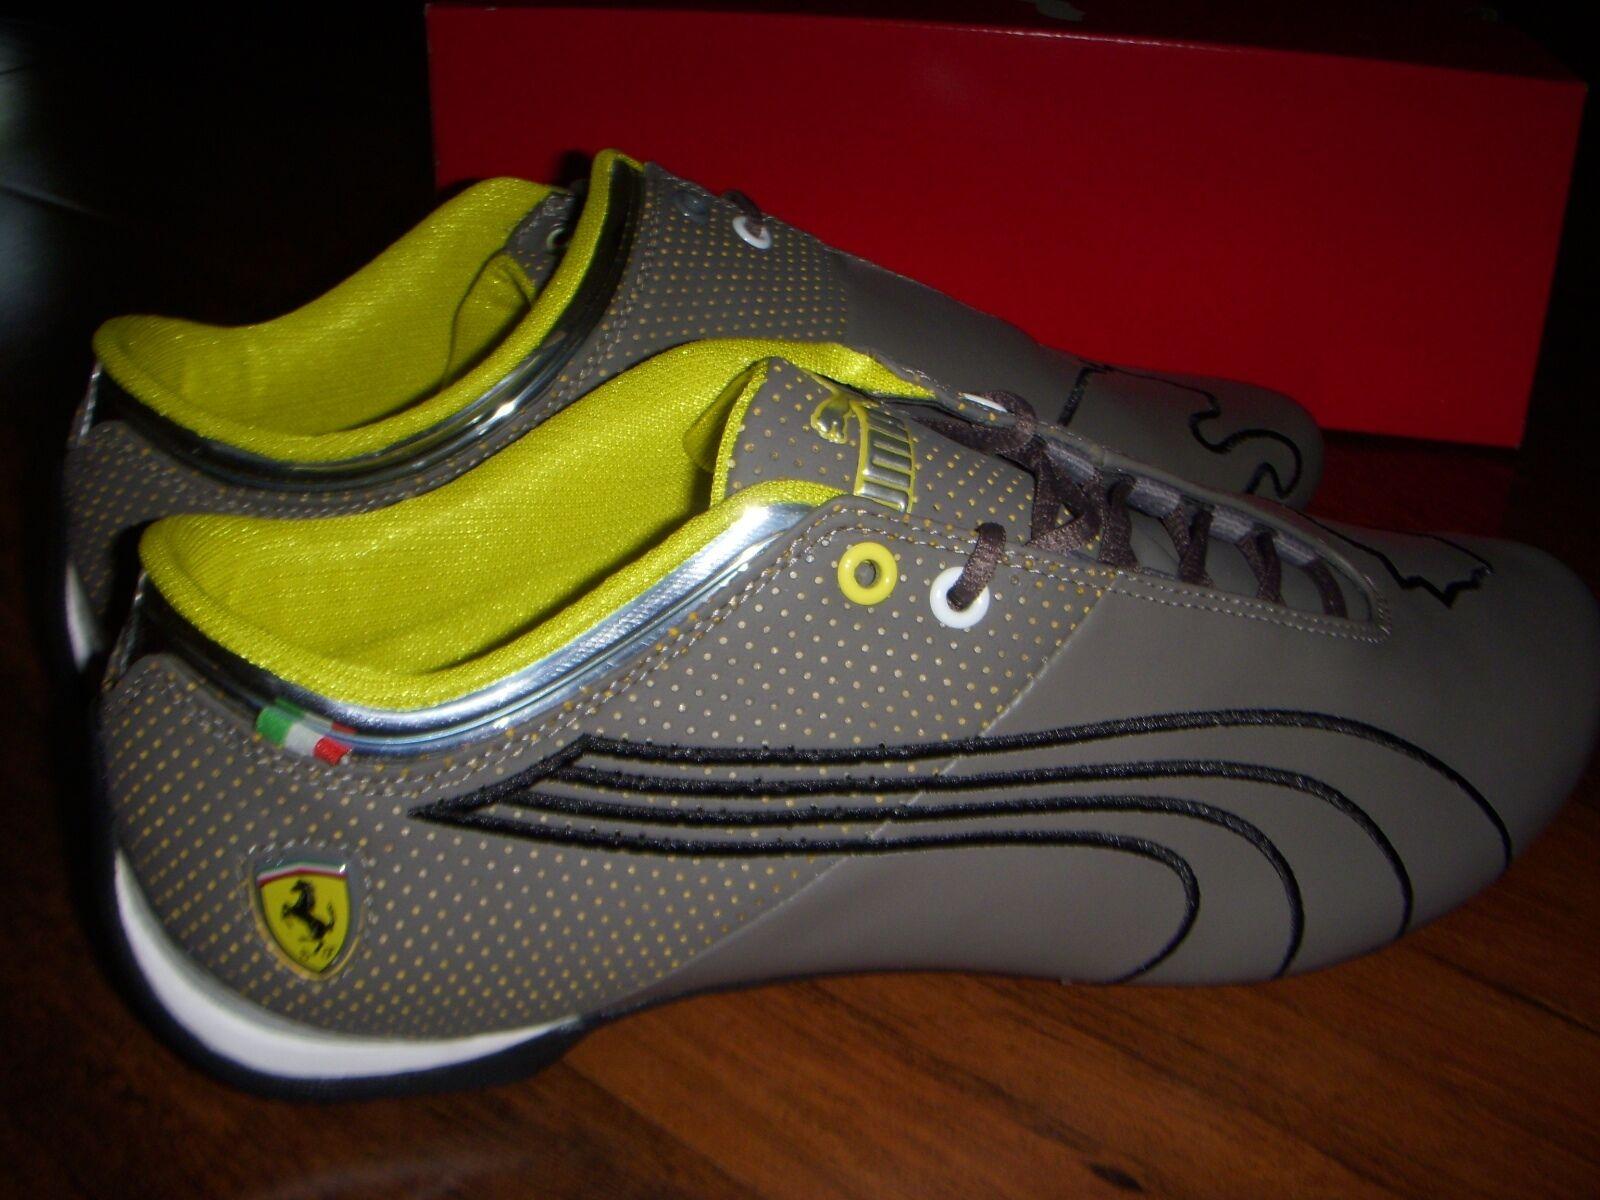 Puma futuro gato sombra amarilla M1 Big Ferrari SF l Ferrari Big zapatos atléticos hombres 14 - nuevo b4e1e4